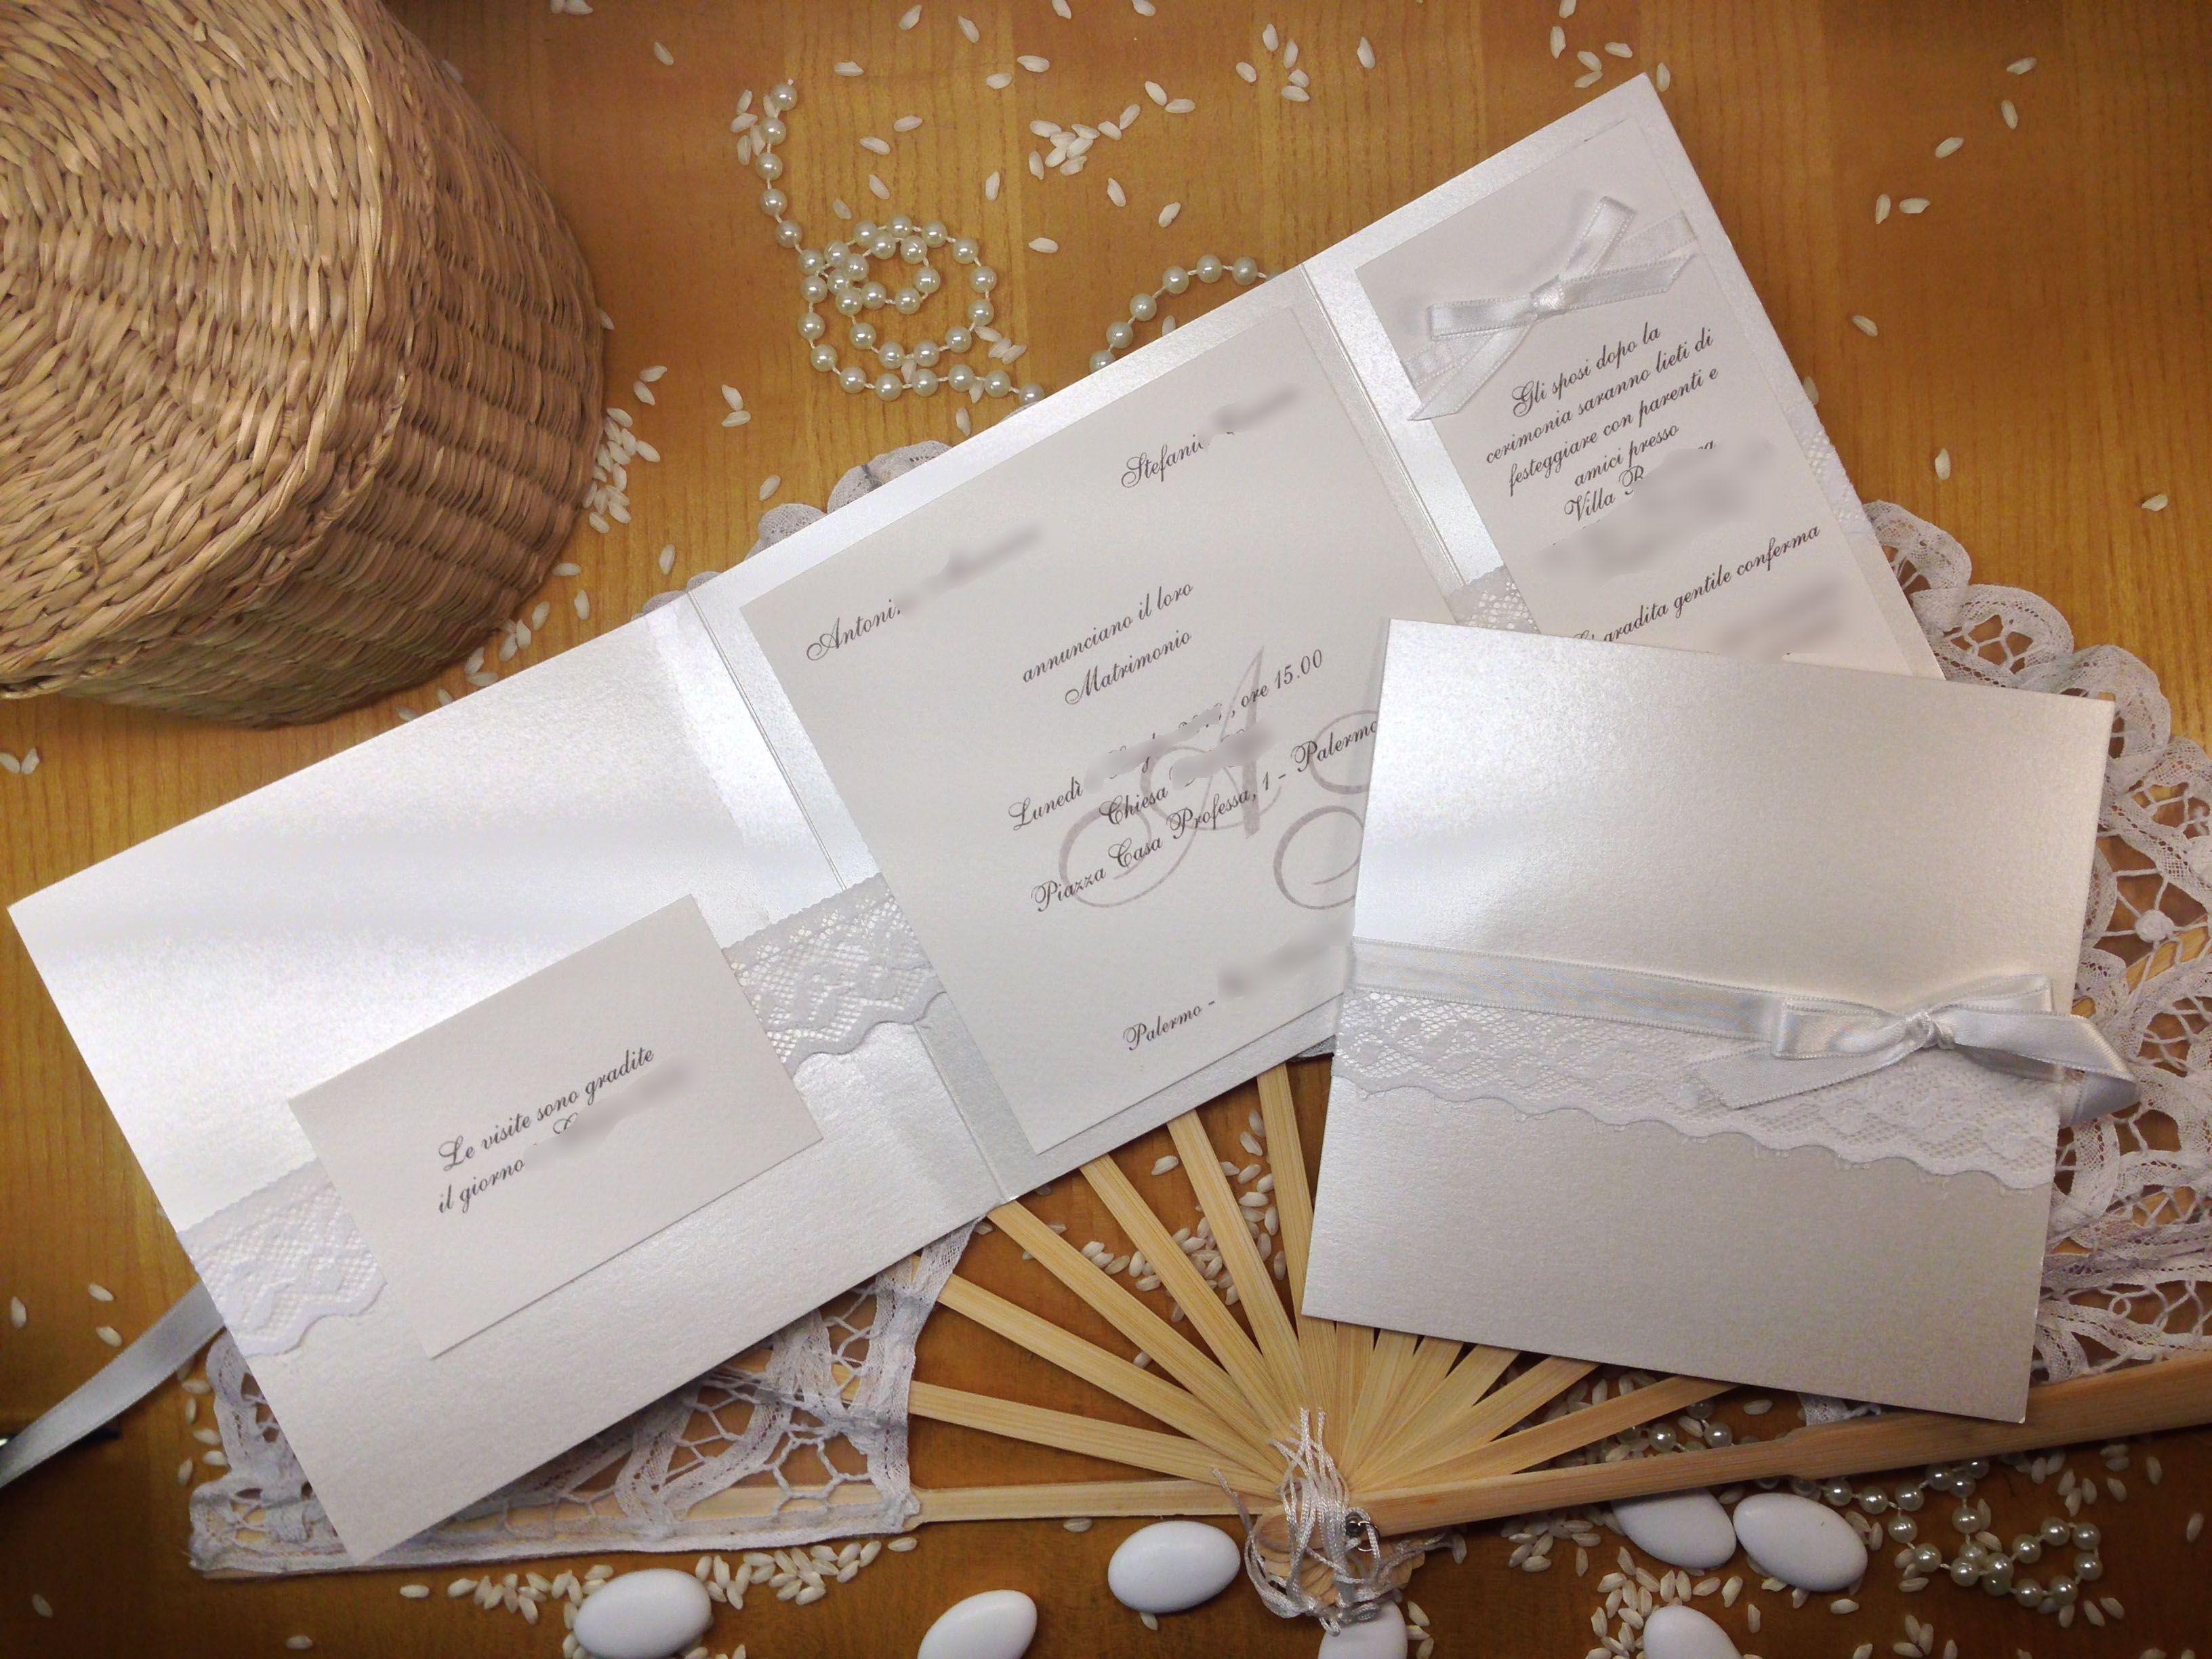 Segnaposto Matrimonio Total White.Partecipazione Matrimonio Total White Con Pizzo Lace Wedding White